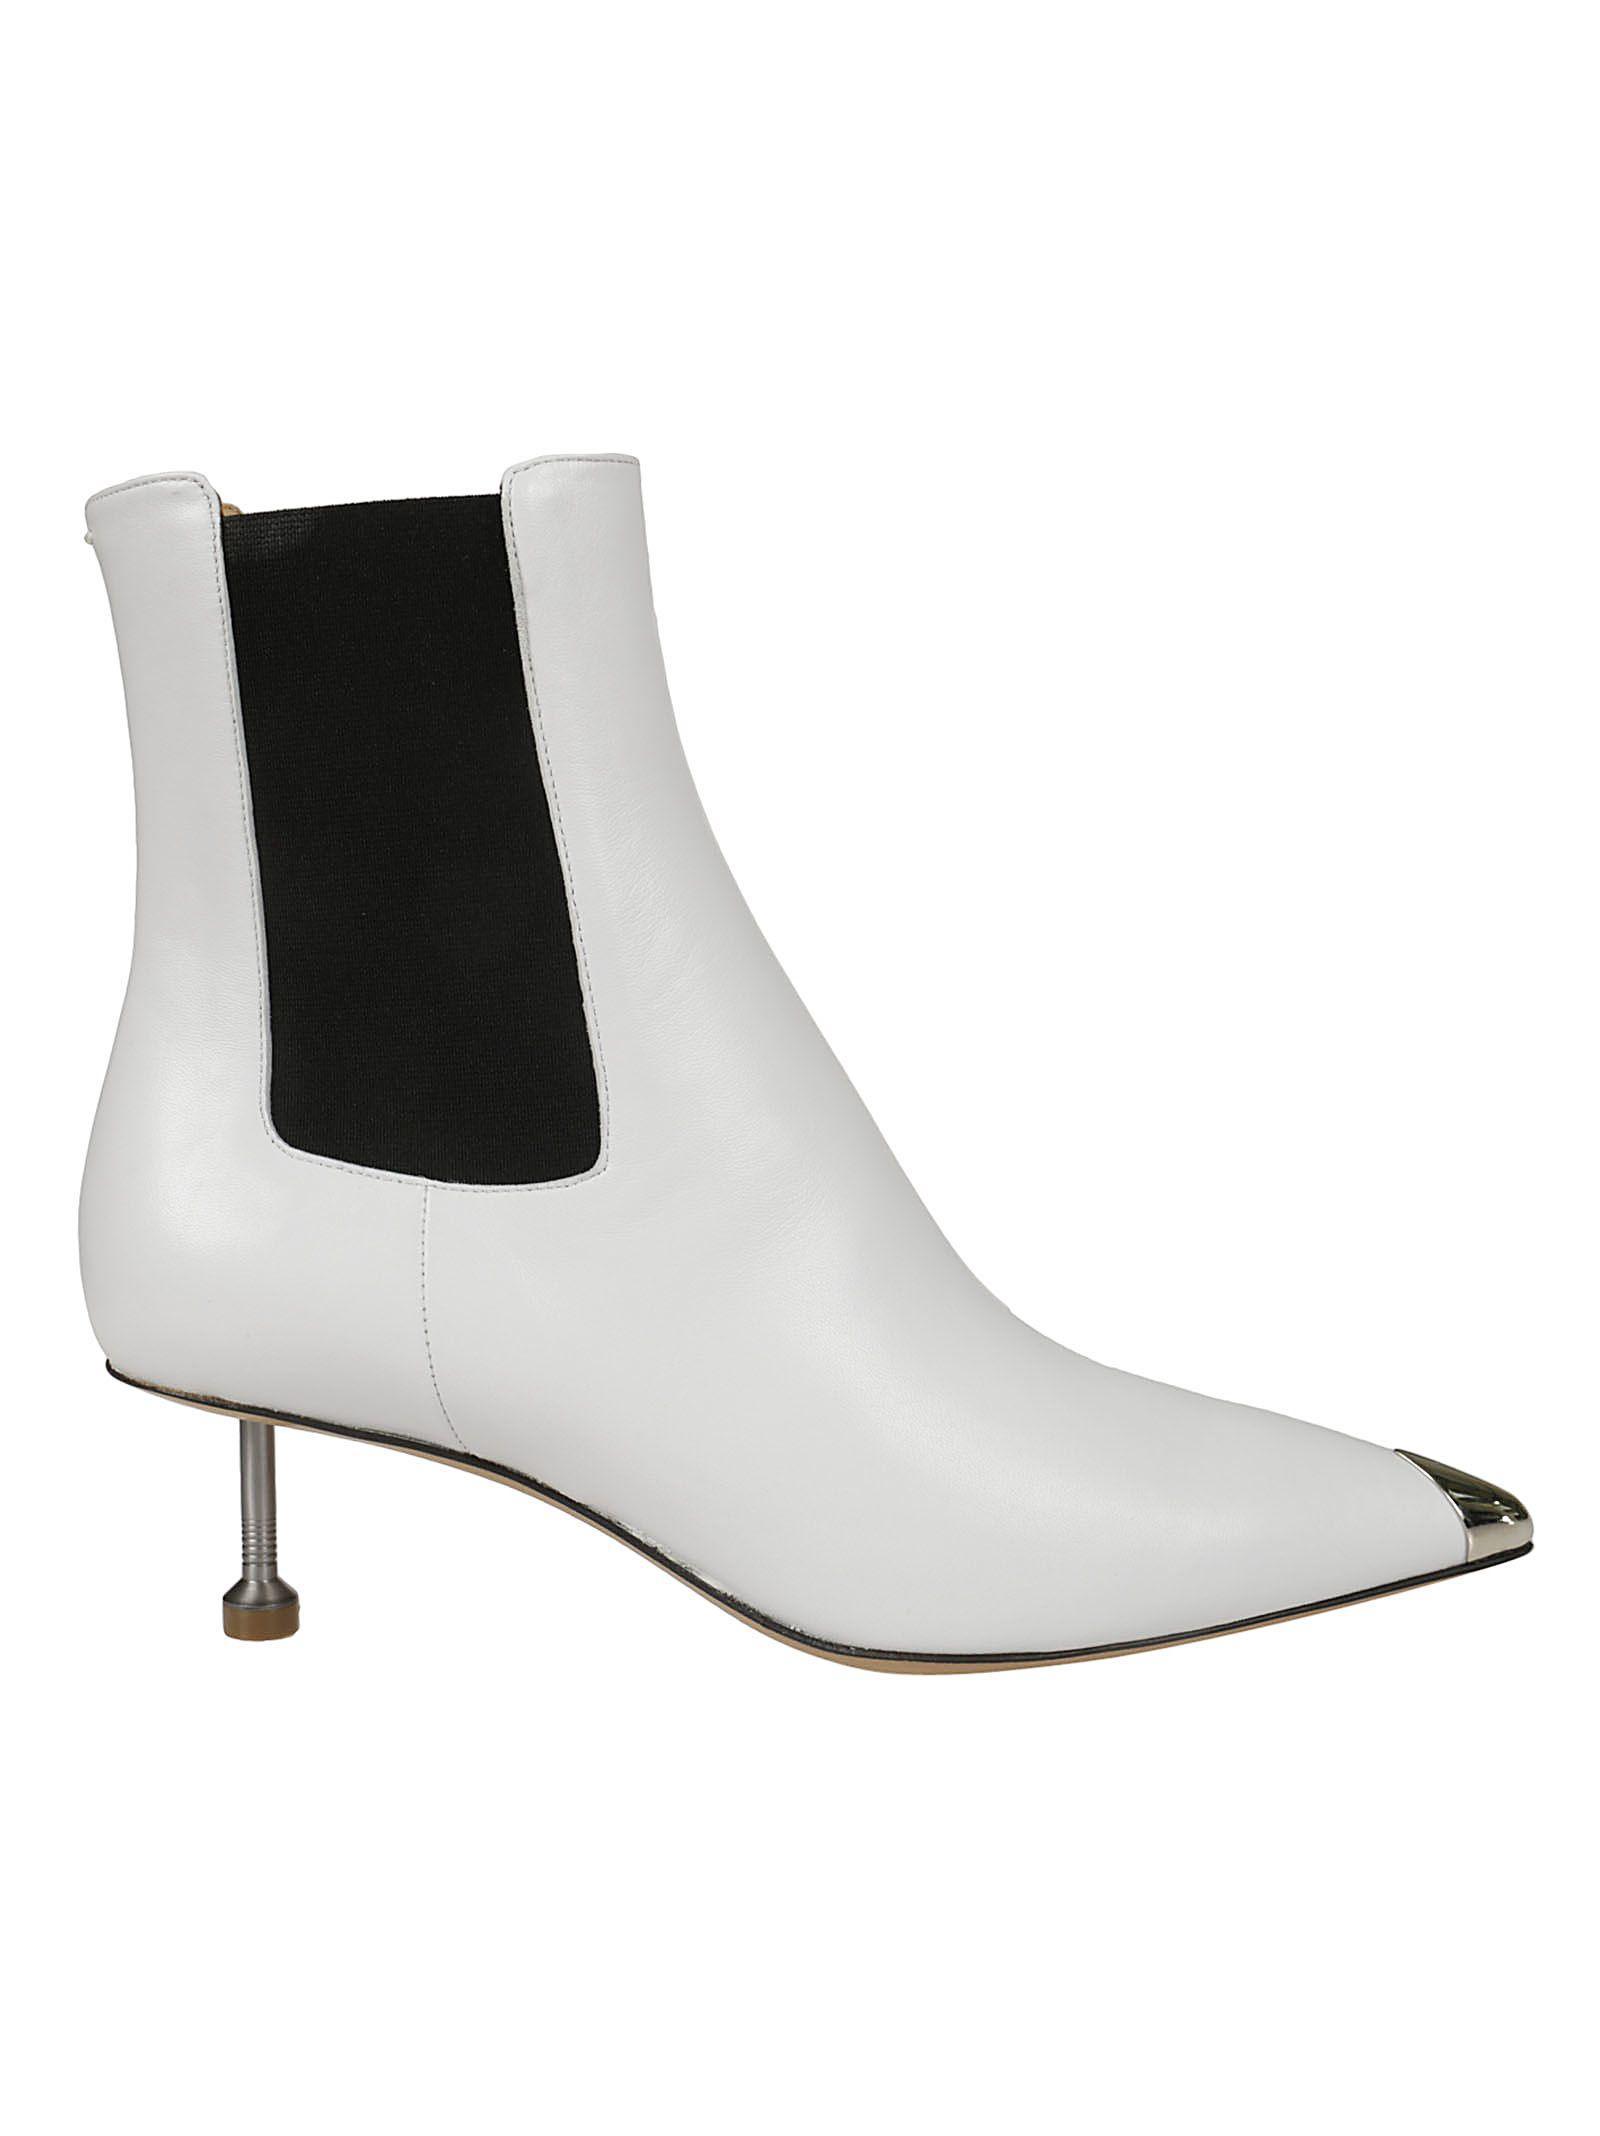 Maison Margiela Kitten Heel Chelsea Boots In White/black